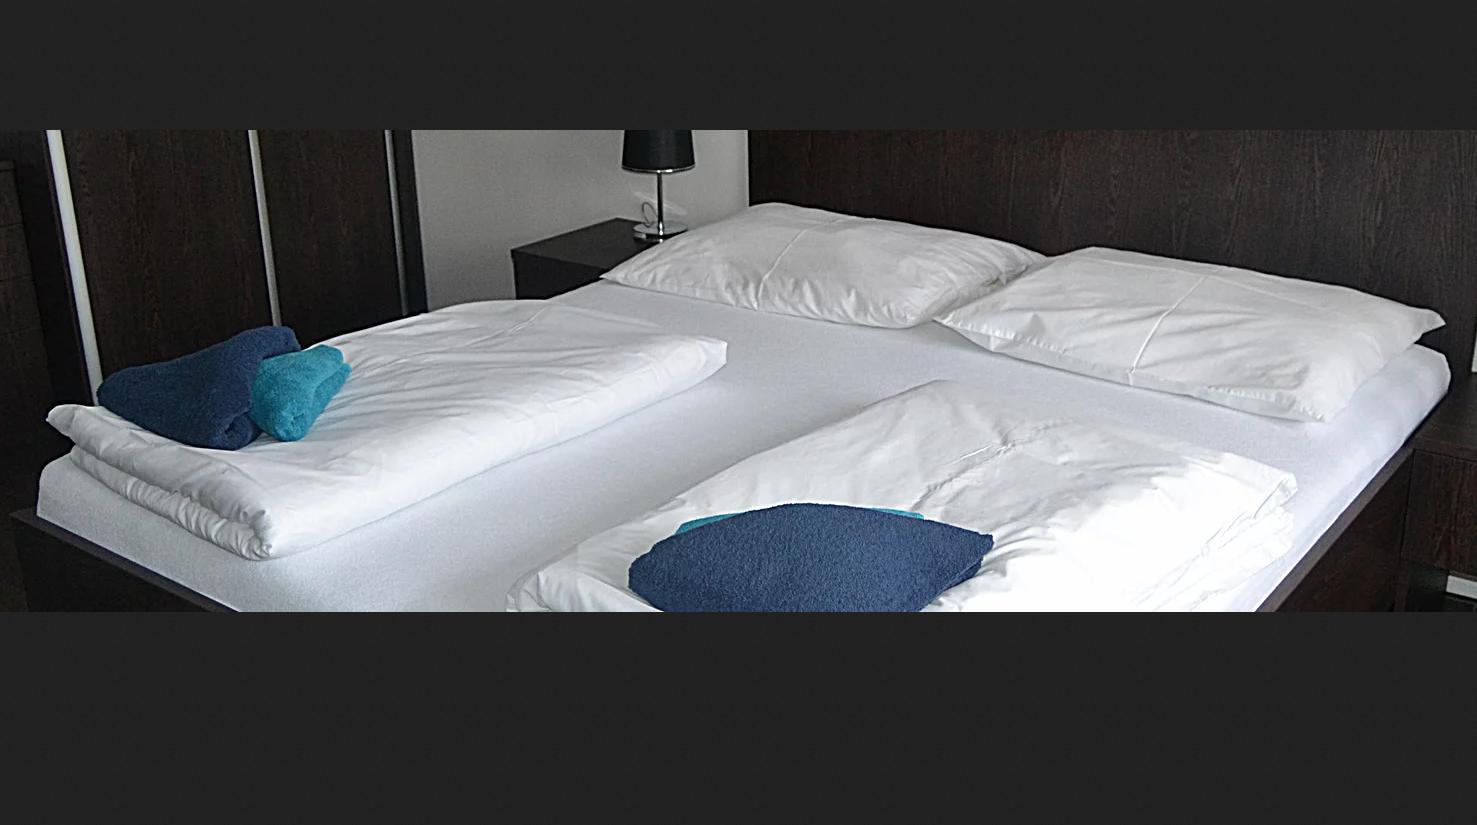 Pohodlné ubytování vPraze na místě, kde byste ho nečekali